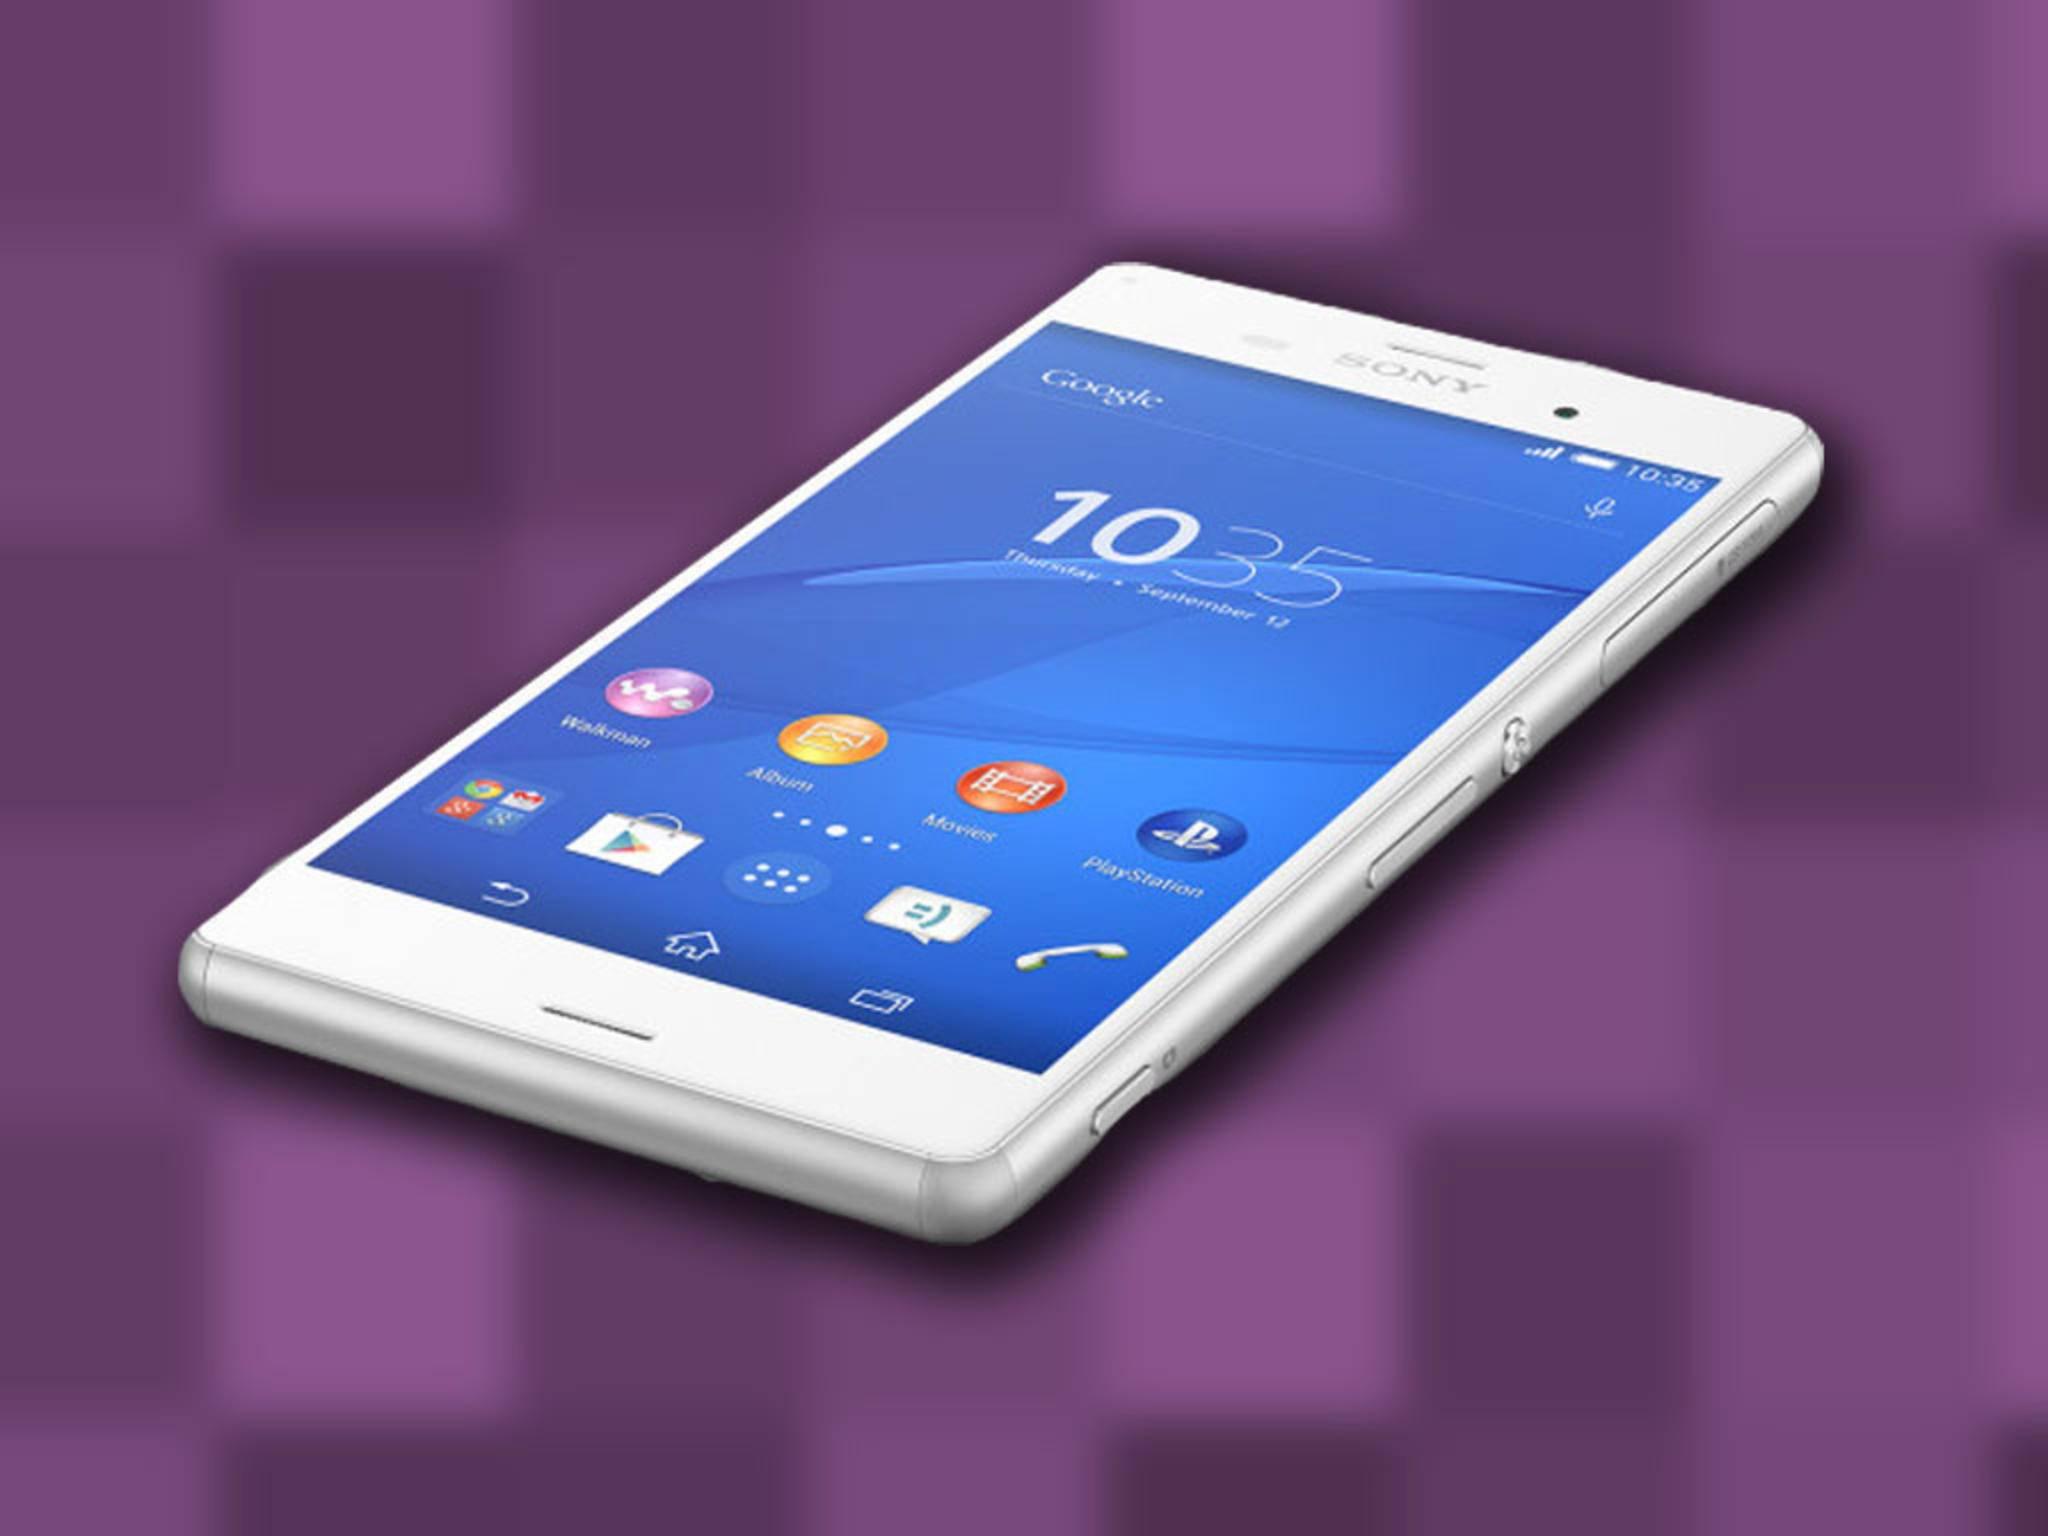 Das Sony Xperia Z4: In Deutschland könnte es zum Z3+ mutieren.